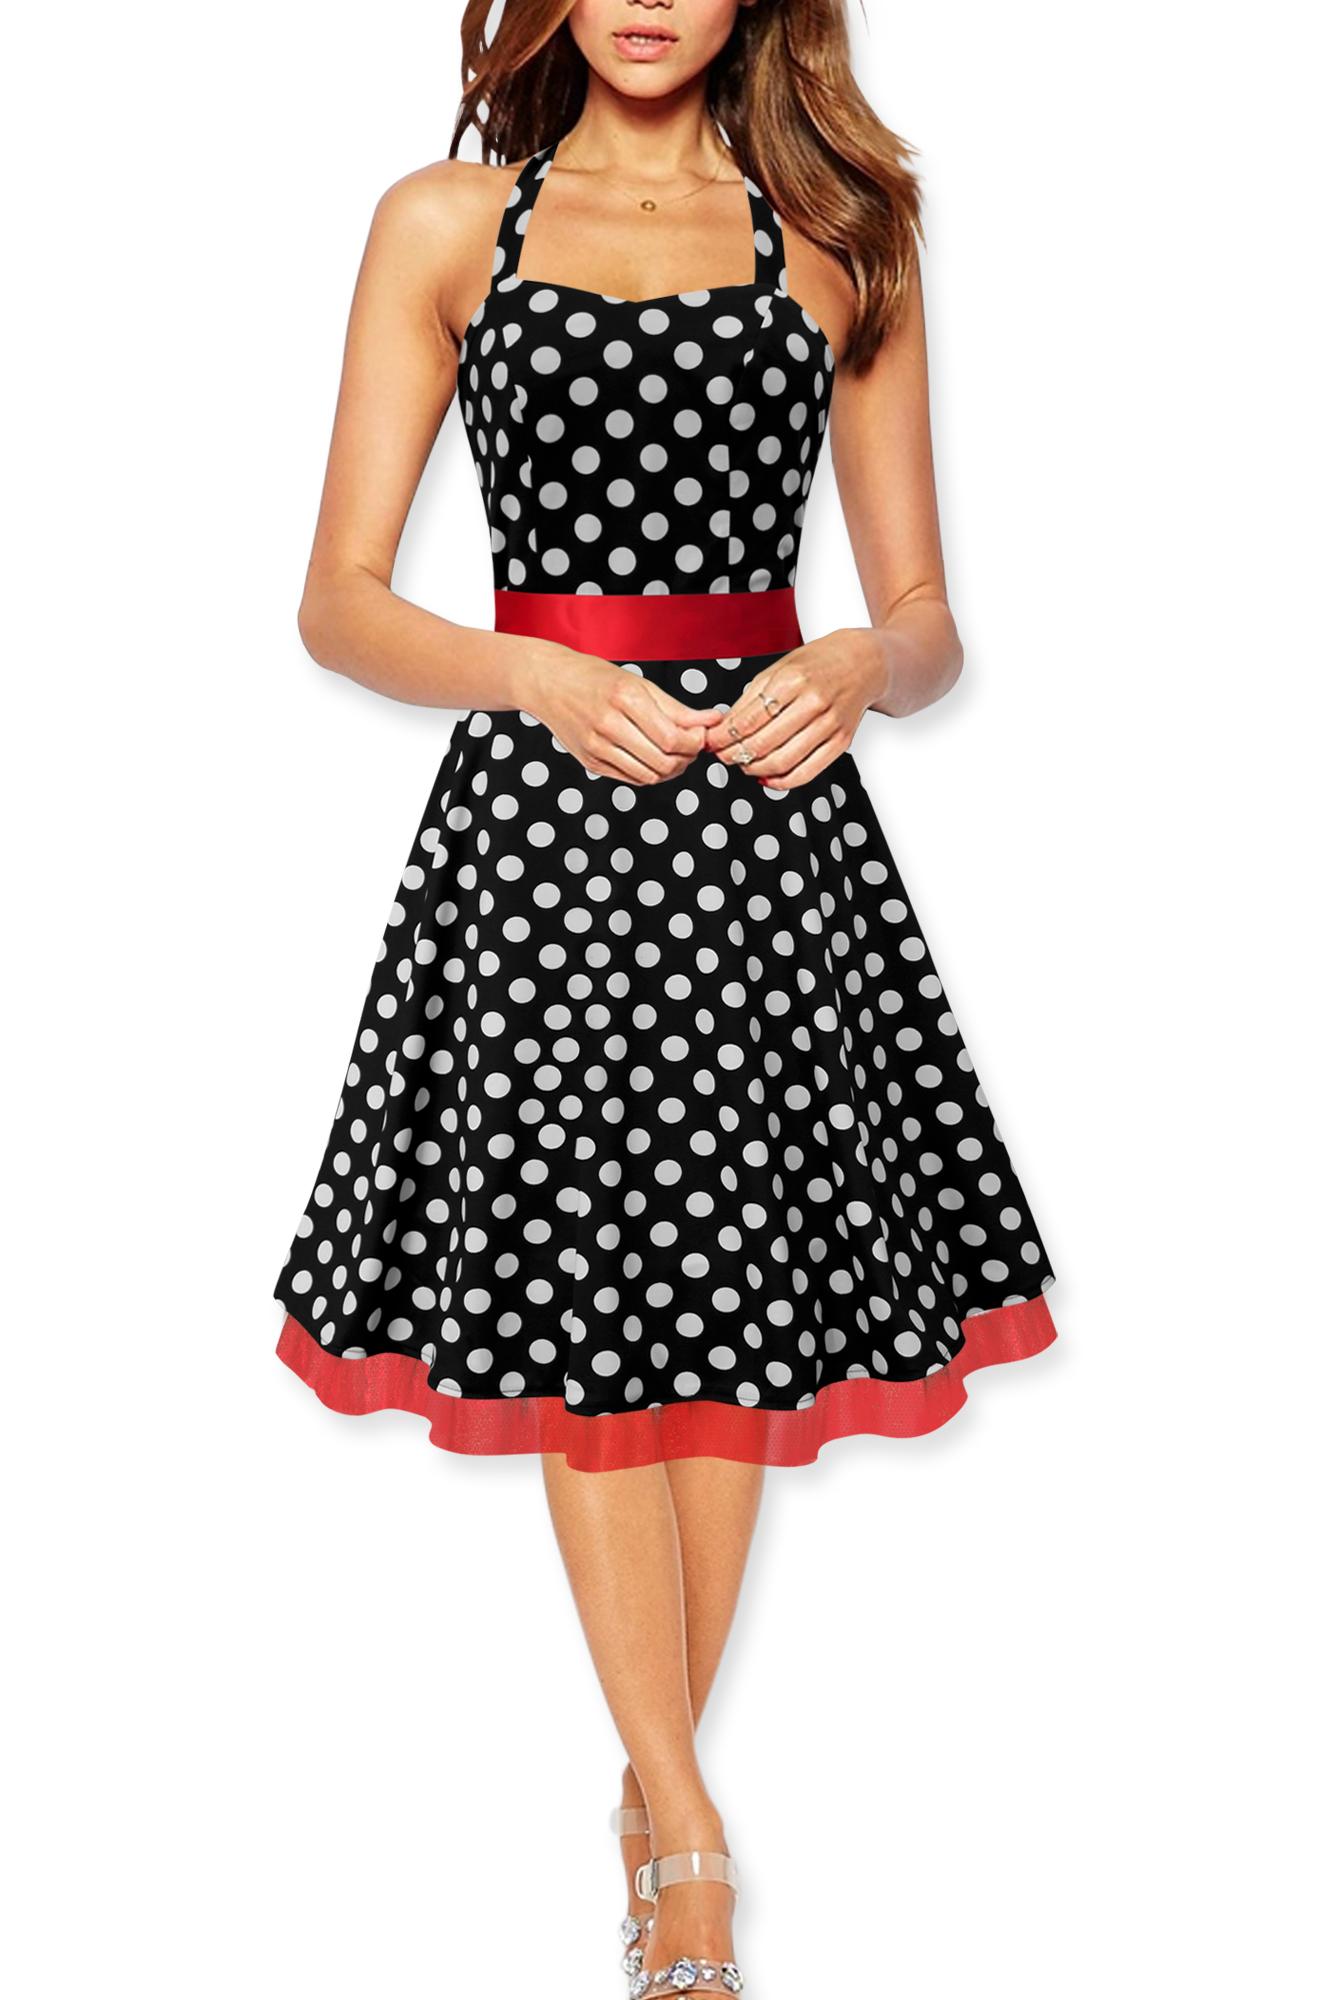 39 rhya 39 vintage polka dot rockabilly 1950 39 s swing pin up. Black Bedroom Furniture Sets. Home Design Ideas